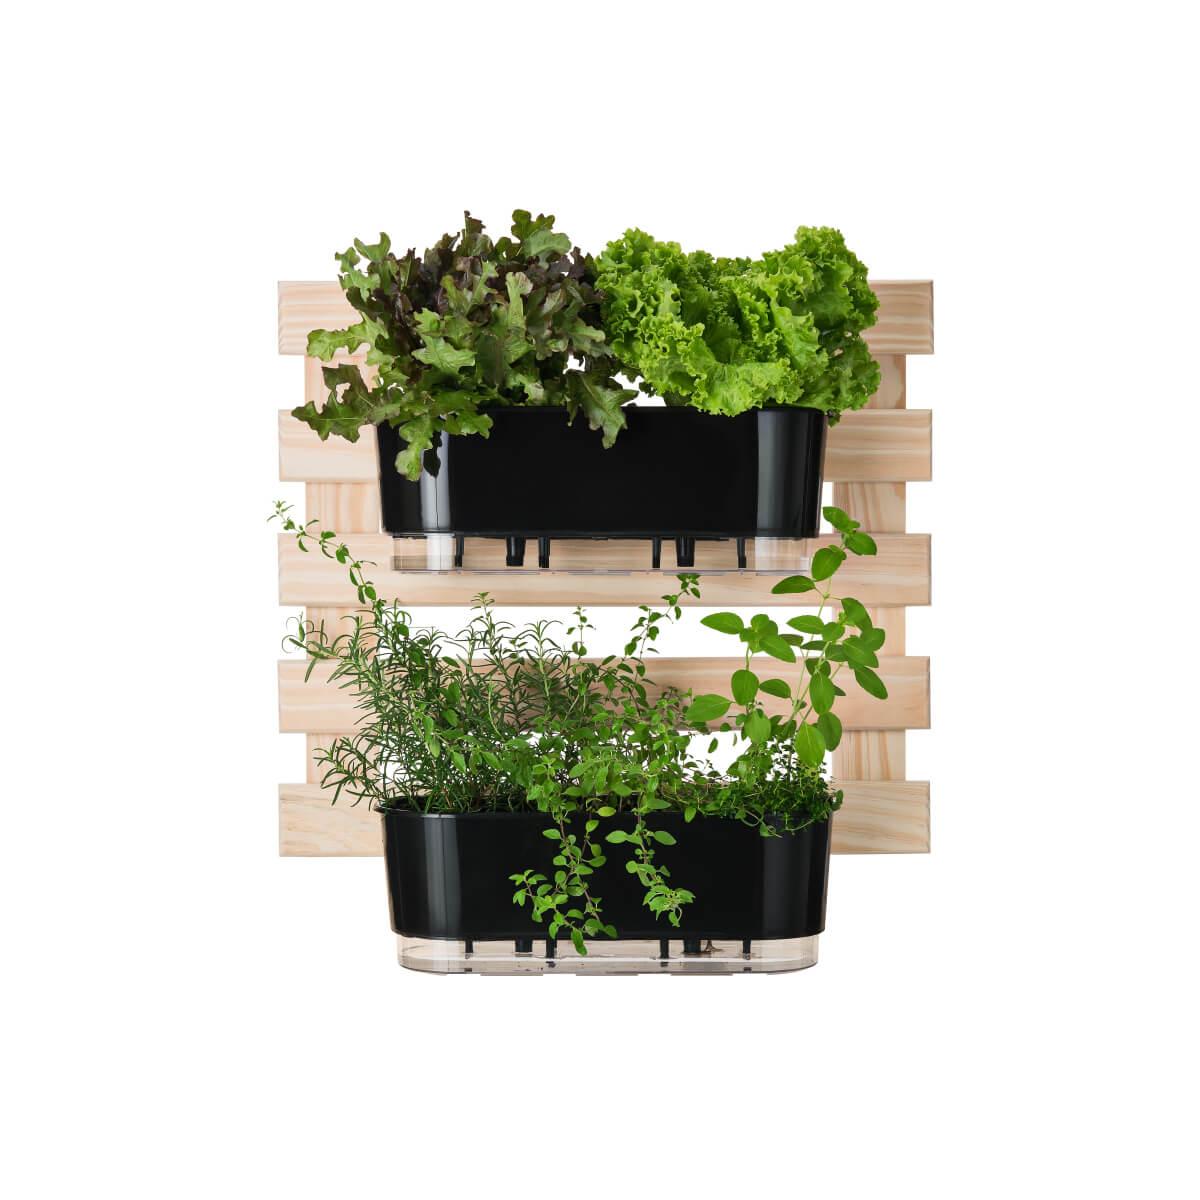 Kit Horta Vertical 60cm x 60cm com 2 Jardineiras Pretas  - Loja Raiz